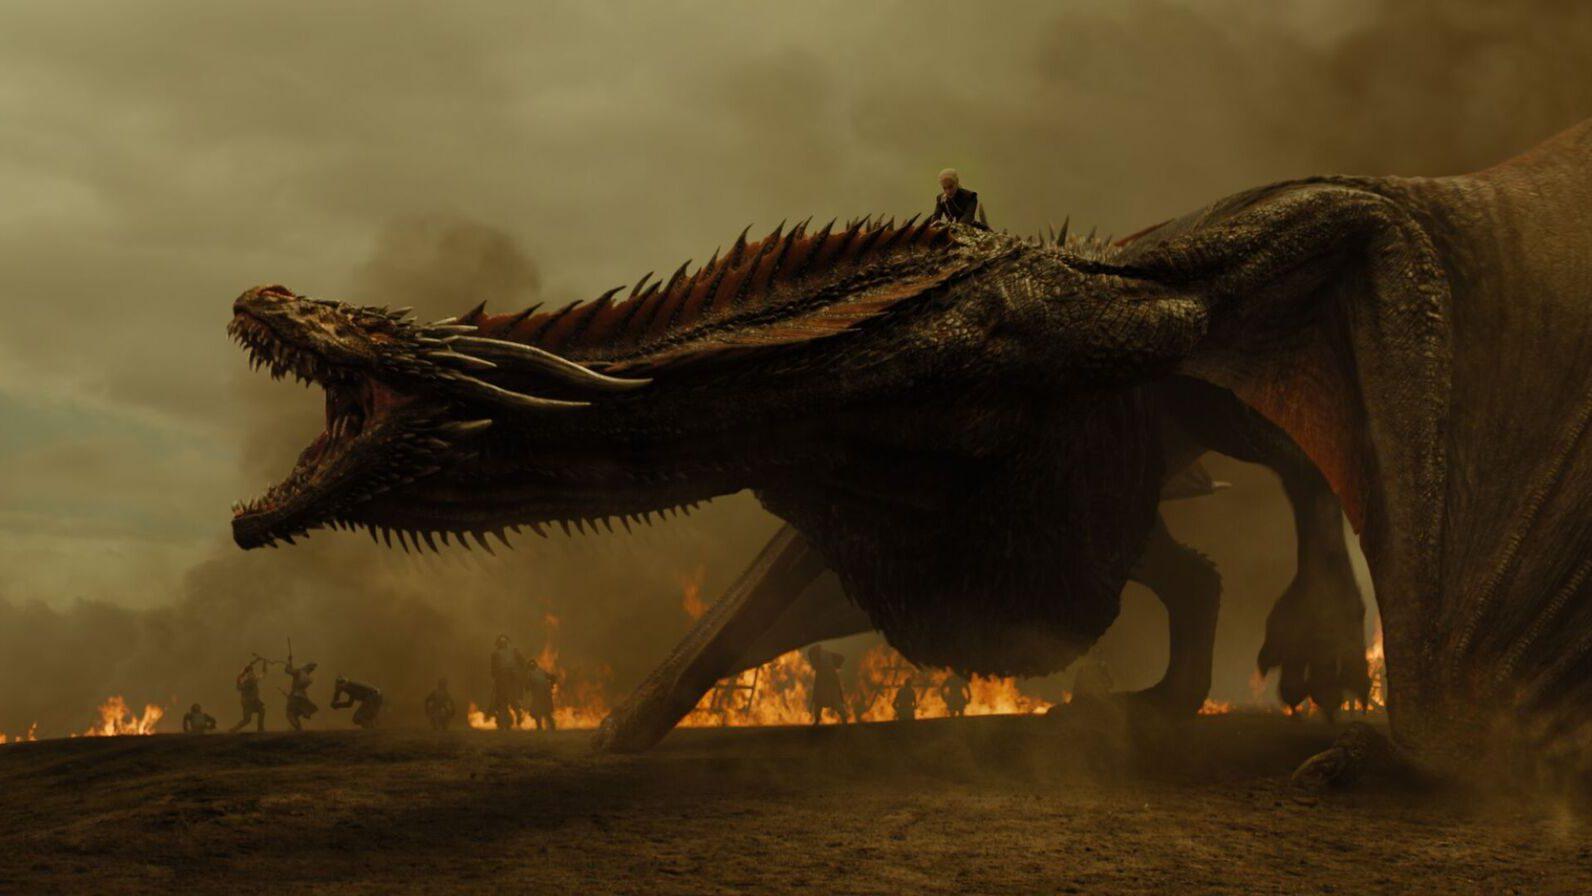 Хакеры выложили в Сеть новый эпизод «Игры престолов» до официальной премьеры